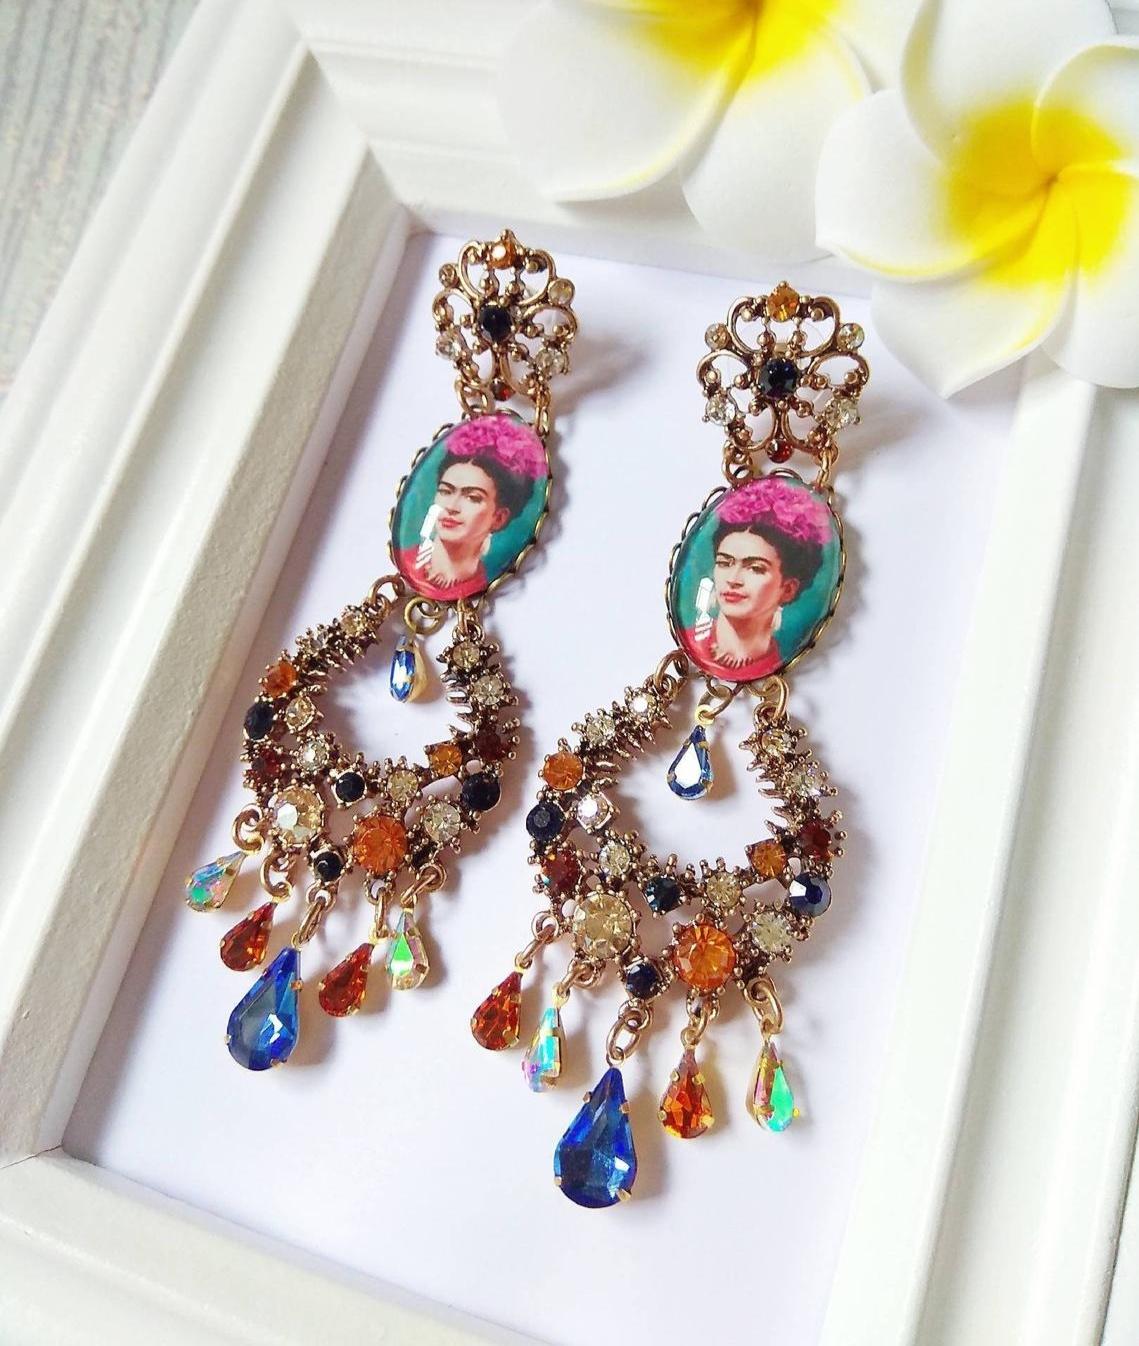 Frida Kahlo Handmade Chandelier Earrings By STartsBoho